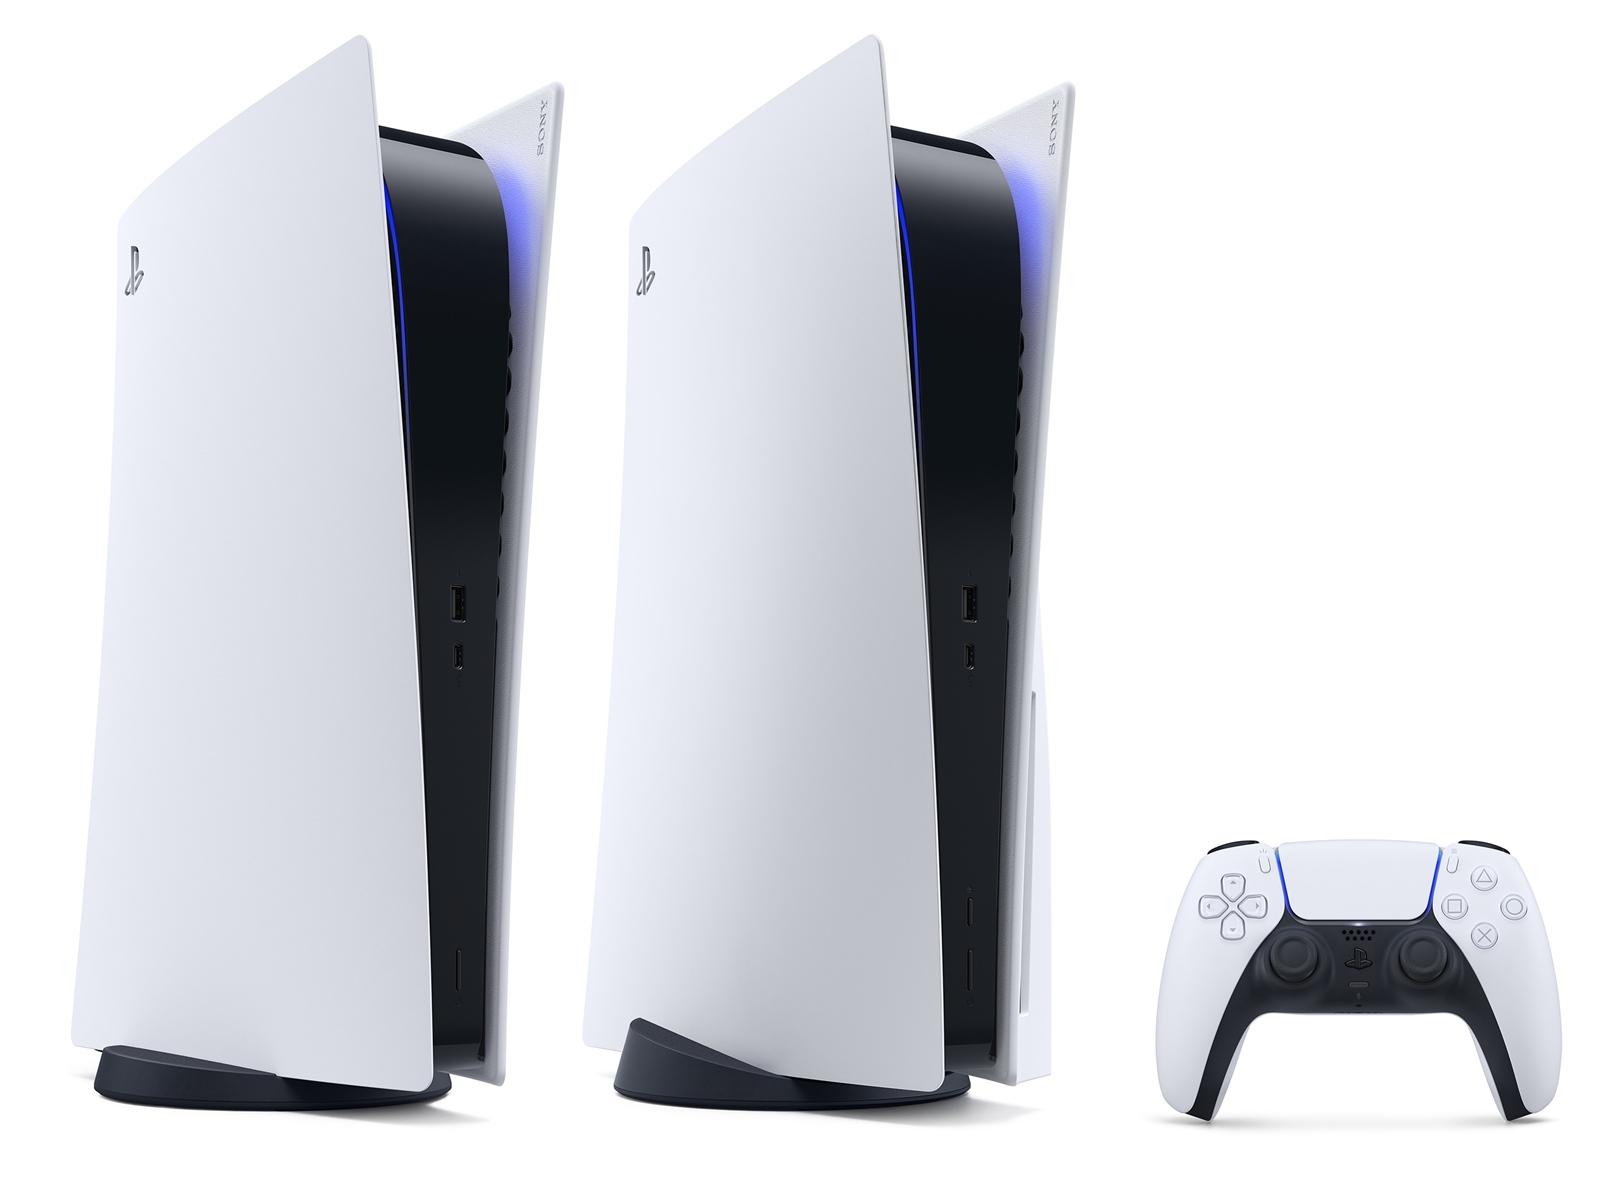 ついに発表された「プレイステーション 5」 中央がUltra HD Blu-rayディスクドライブを備えたスタンダード版。左がディスクドライブを省略したダウンロード専用機「PS5 Digital Edition」、右は新しいコントローラー「DualSense ワイヤレスコントローラー」。(出所:SIE)